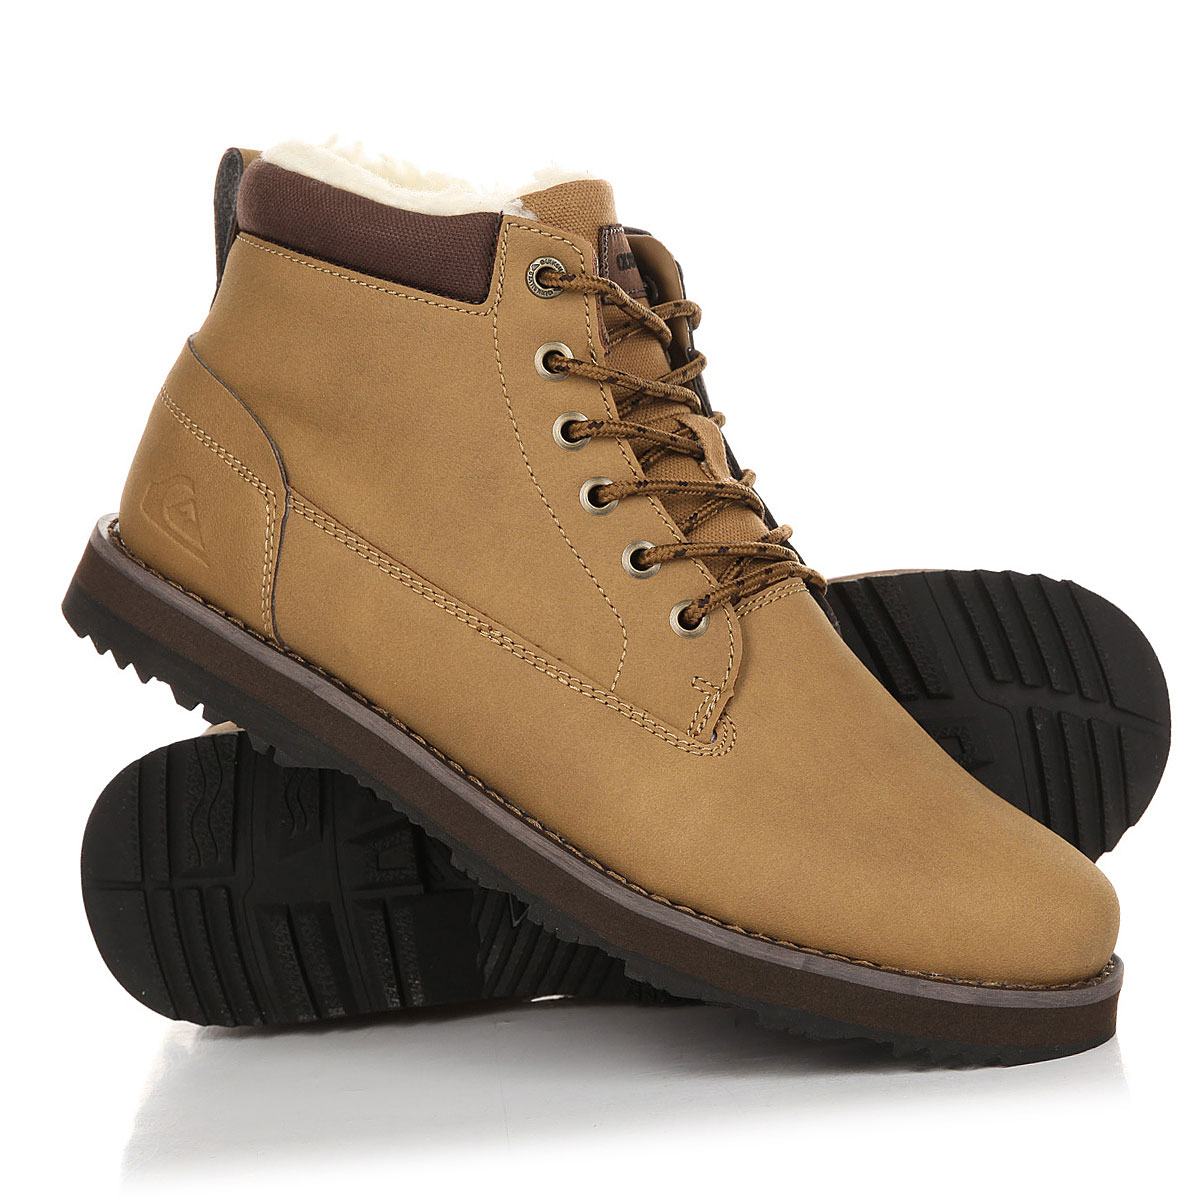 Зимние ботинки мужские - купить в интернет-магазине Проскейтер 9bb2242364f